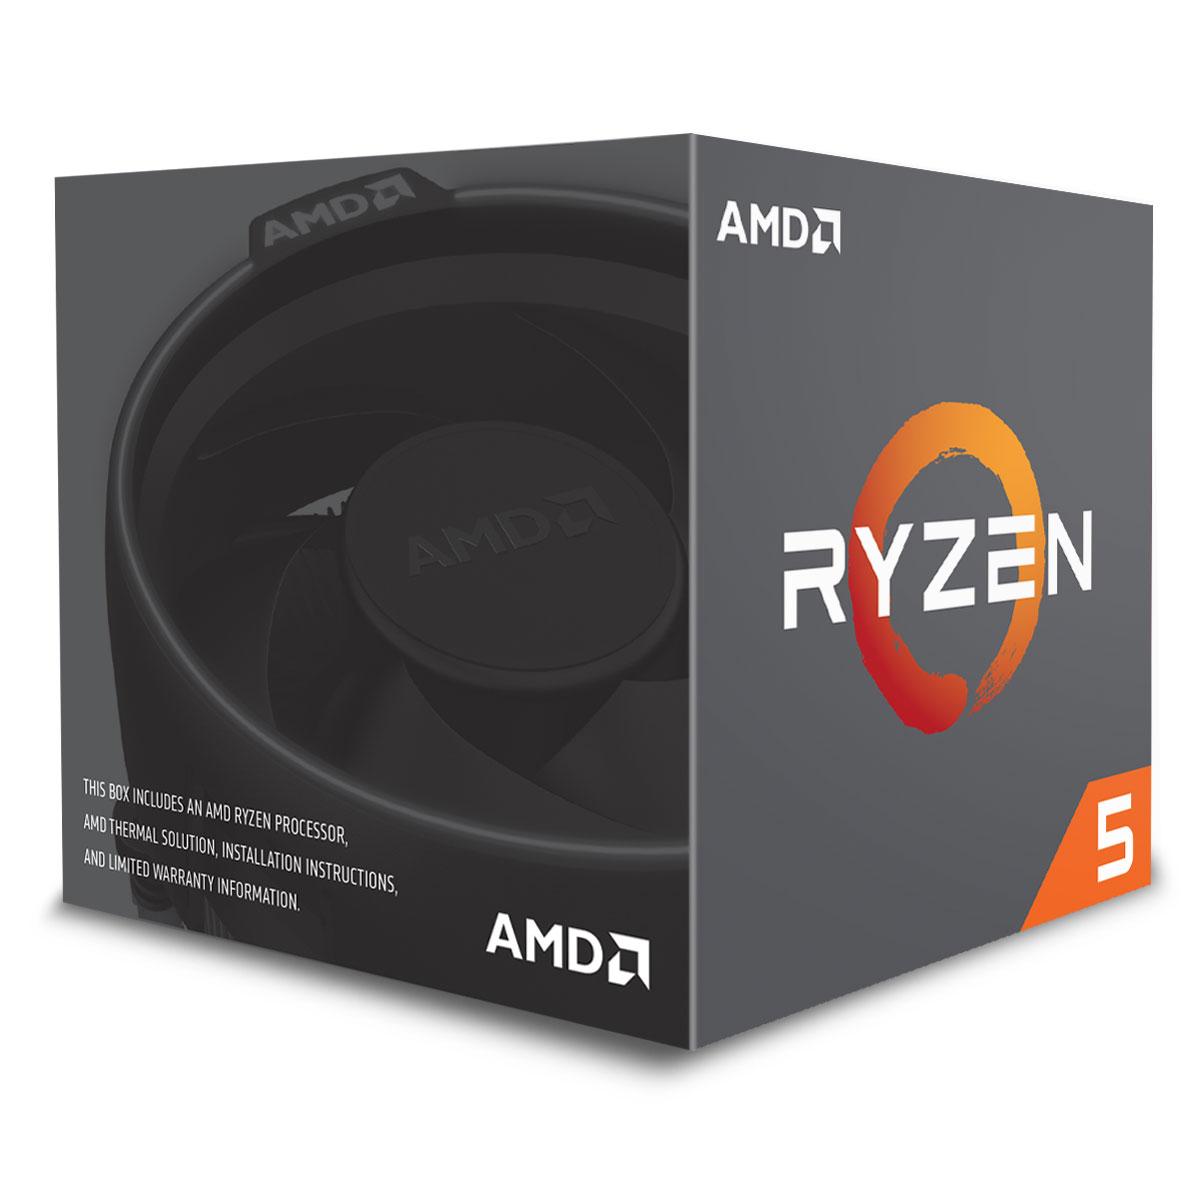 Processeur AMD Ryzen 5 2600 Wraith Stealth Edition (3.4 GHz) Processeur 6-Core socket AM4 Cache L3 16 Mo 0.012 micron TDP 65W avec système de refroidissement (version boîte - garantie constructeur 3 ans)